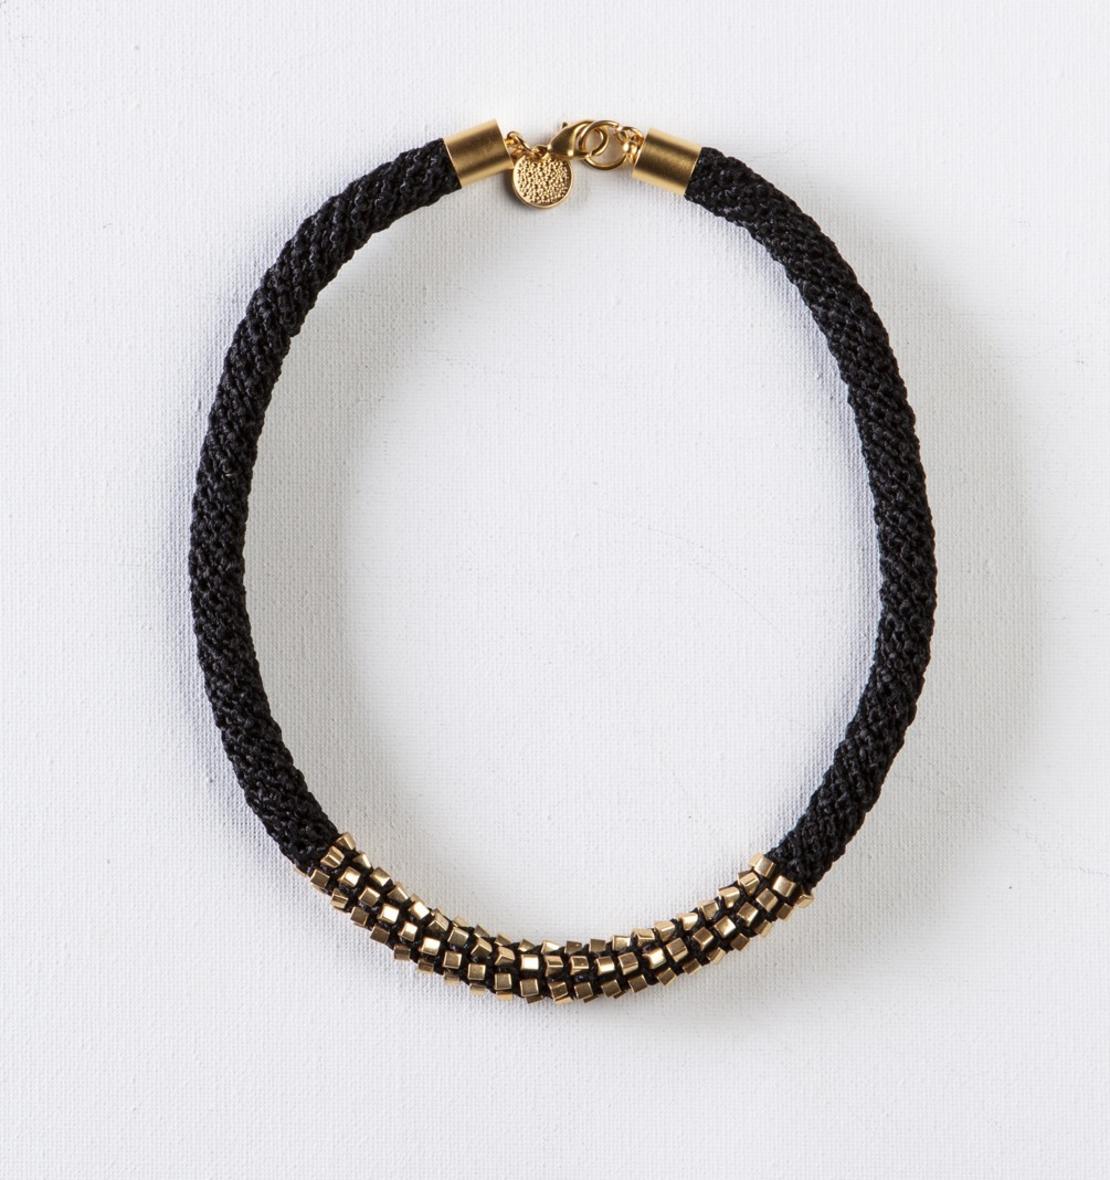 שרשרת אלישבע   תכשיט חרוזים שזורים   תכשיט שחור & זהב